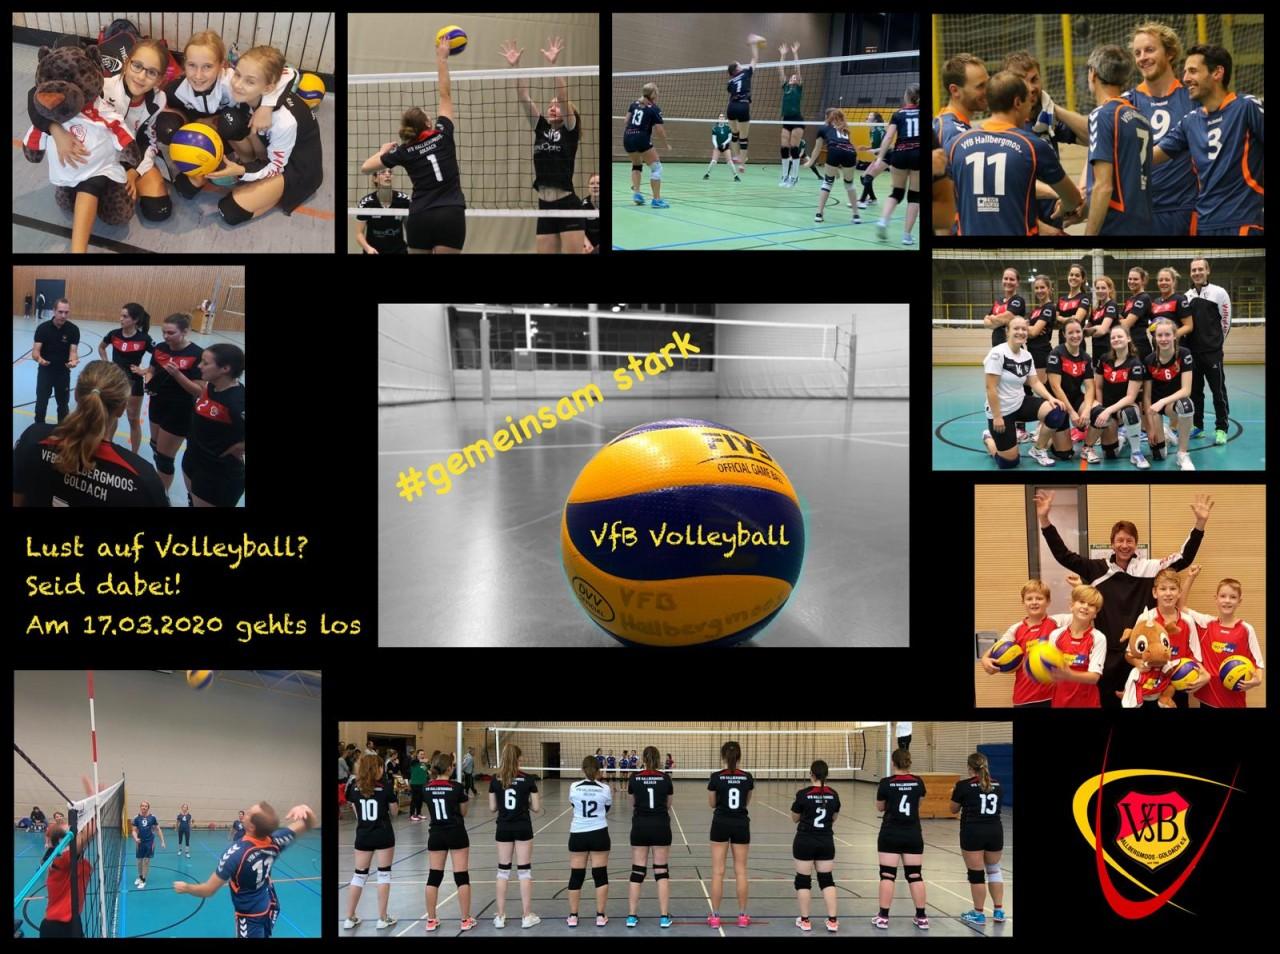 Nach der Saison ist vor der Saison - Volleyballabteilung startet in Vorbereitungsphase